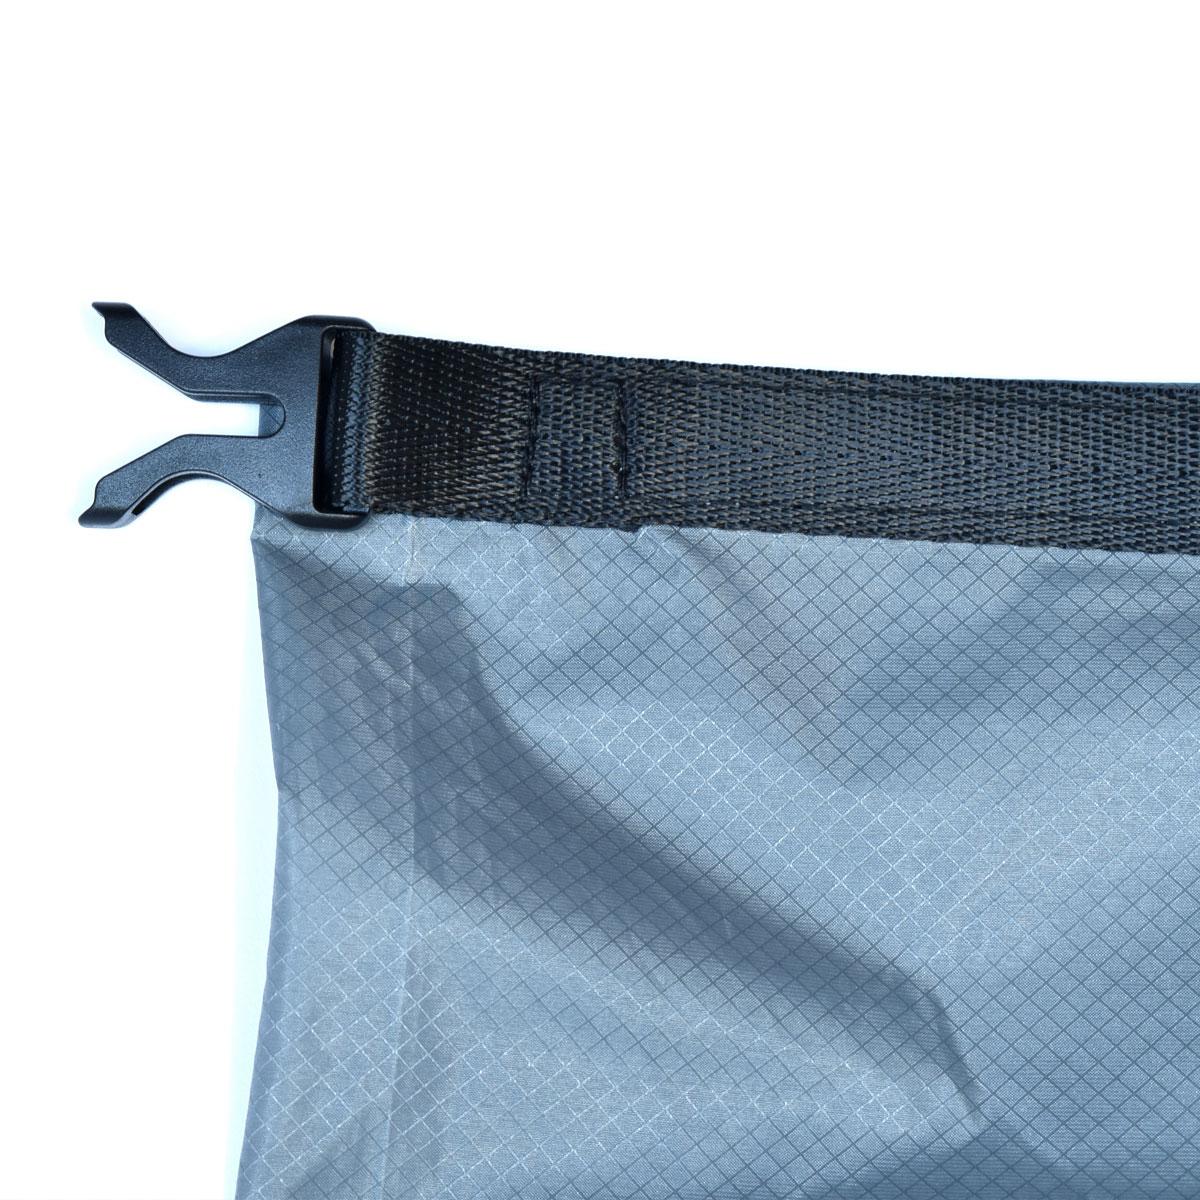 防水 バッグ WATER PROOF DRY BAG ドライバッグ 10L メンズ レディース ジュニア 超軽量 送料無料